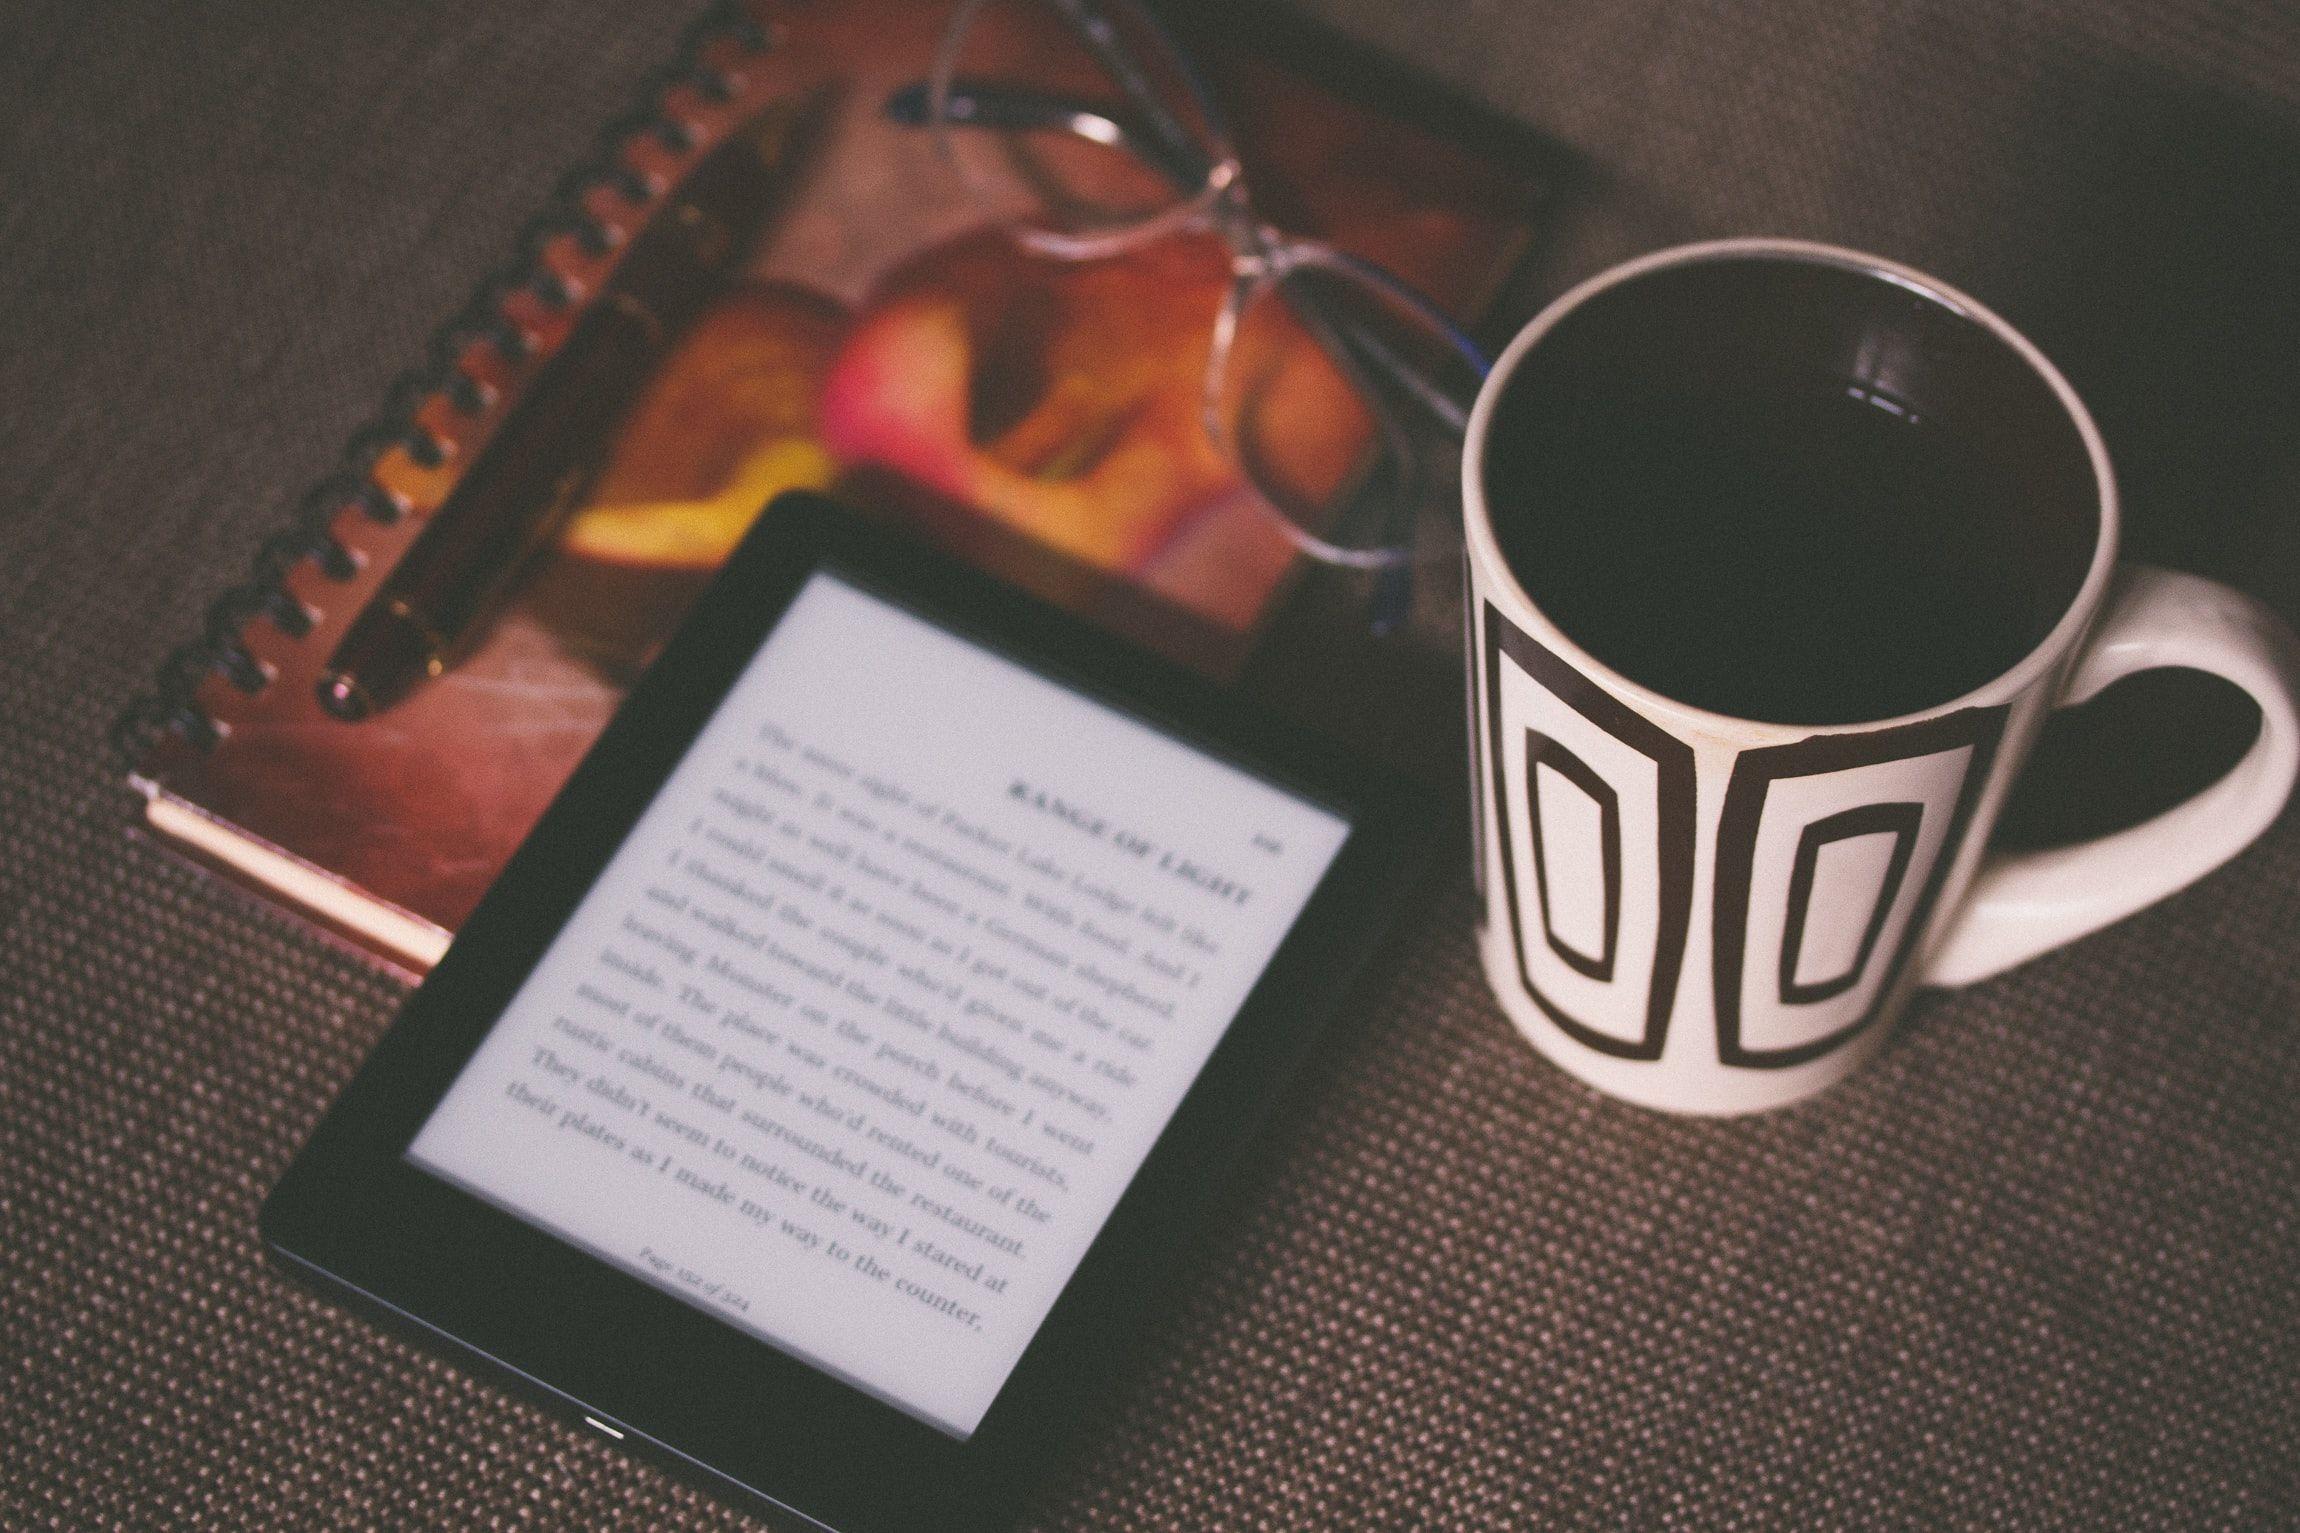 Книжки, читання, електронна книга